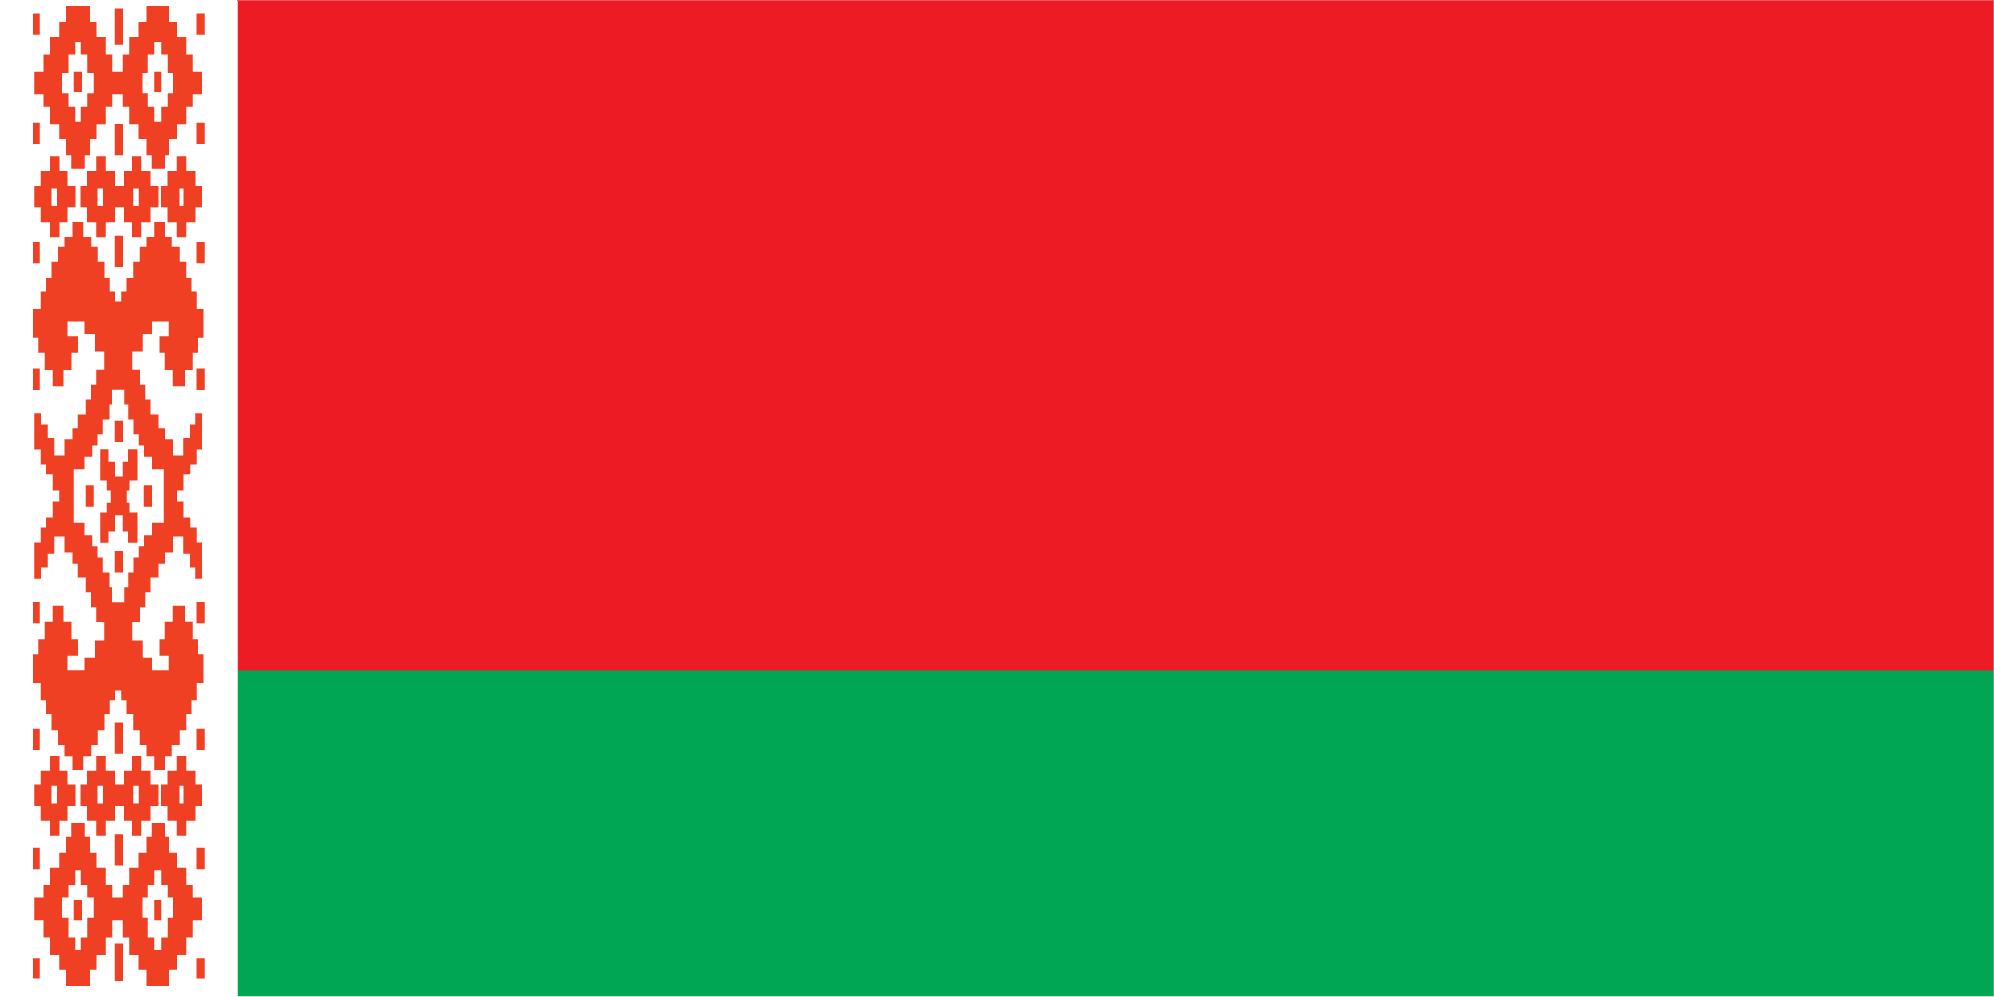 http://www.sputres.ru/images/2014/02/flag_belarusi.png